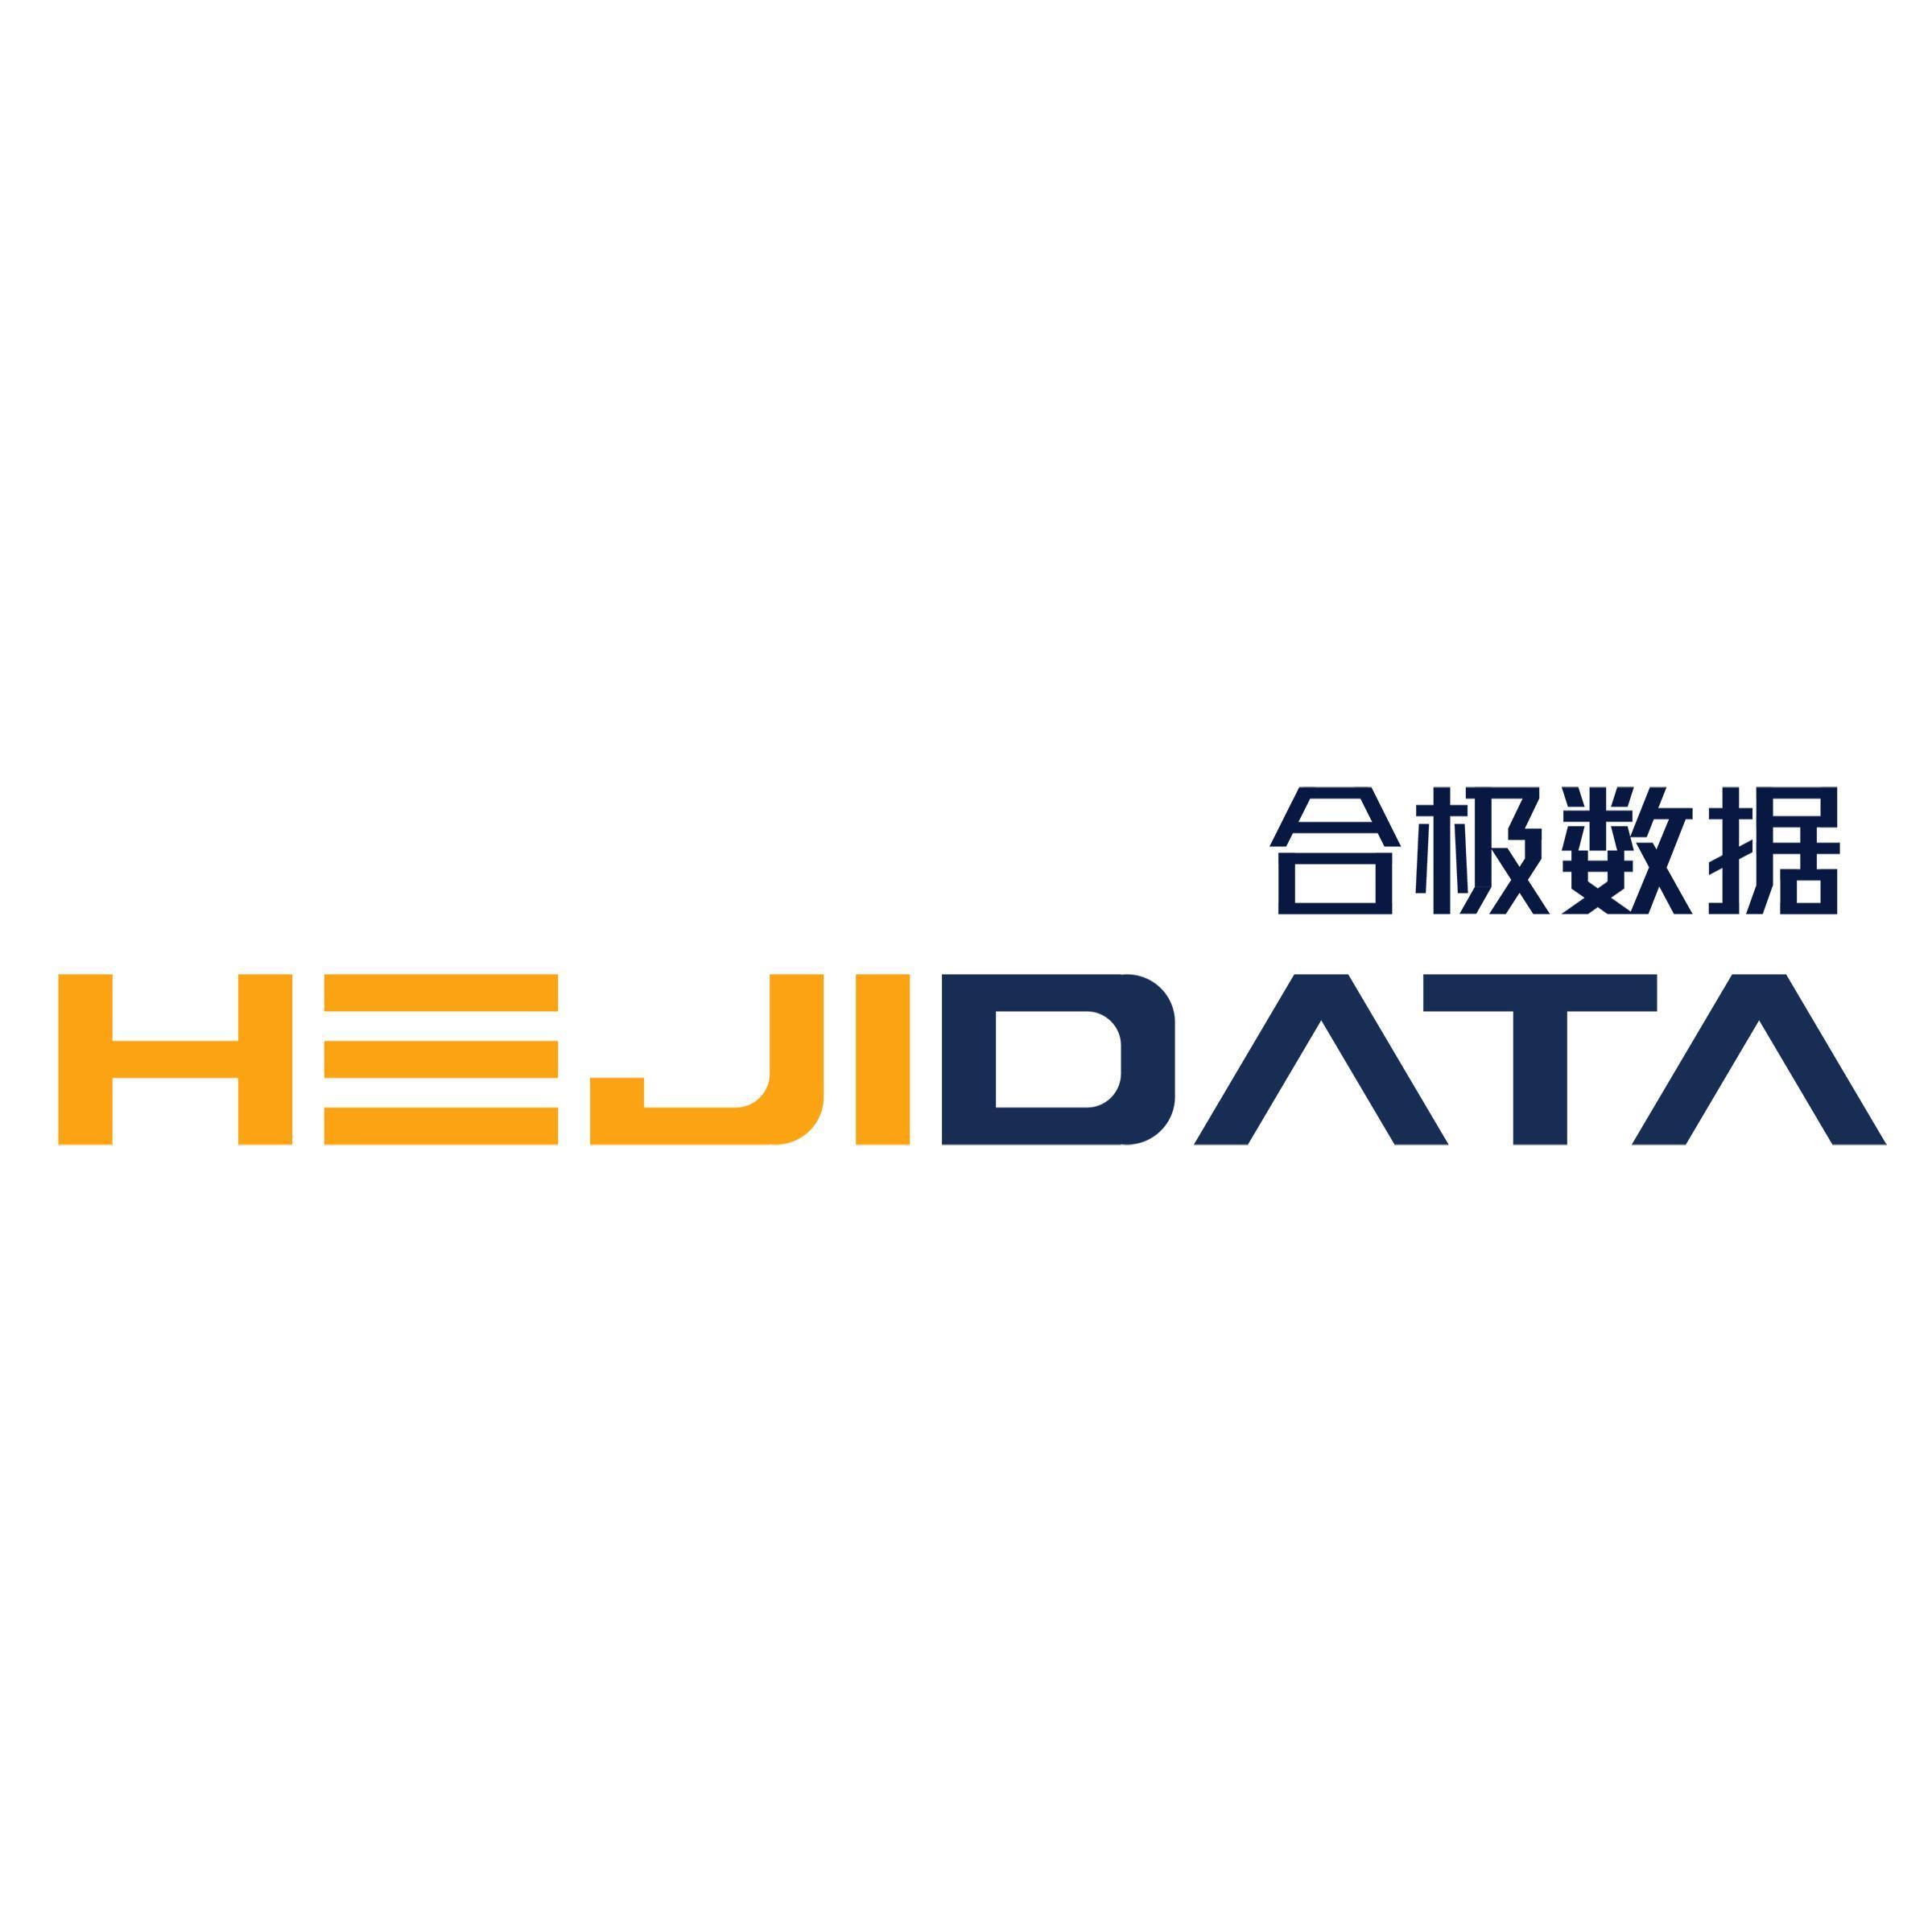 上海合极数据科技有限公司